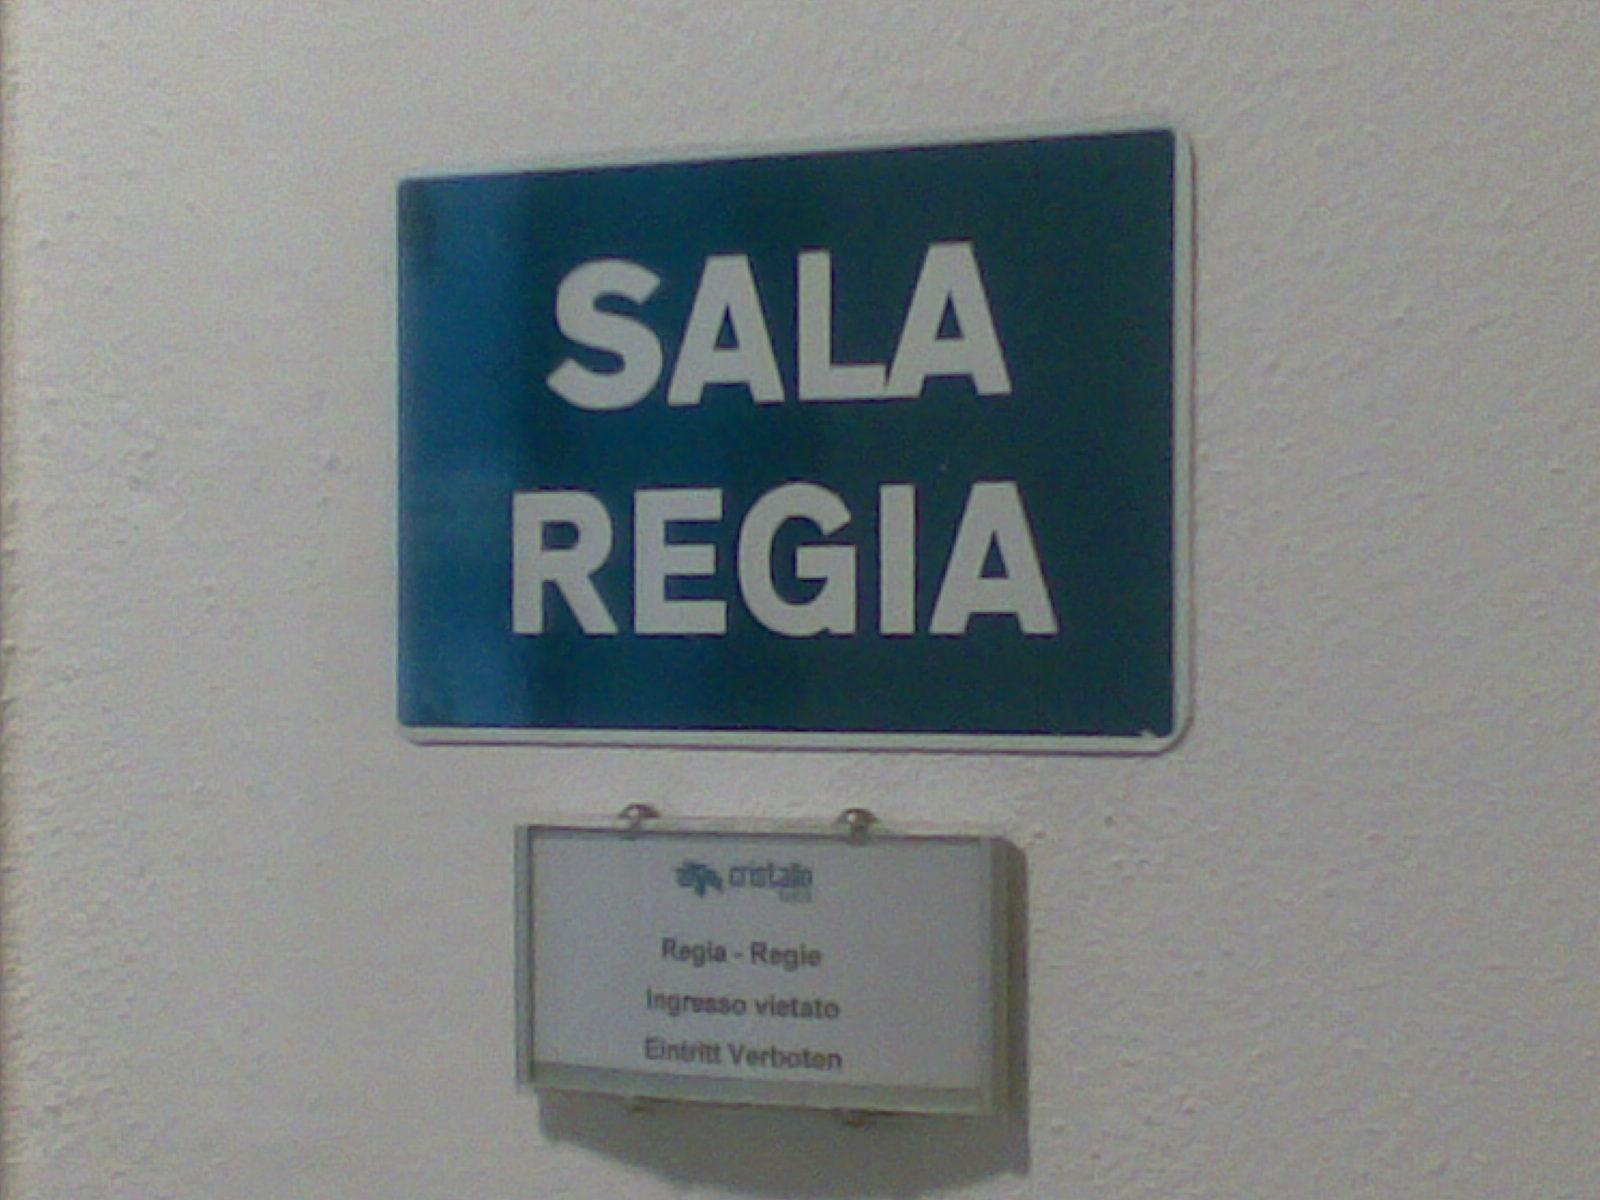 Sala regia